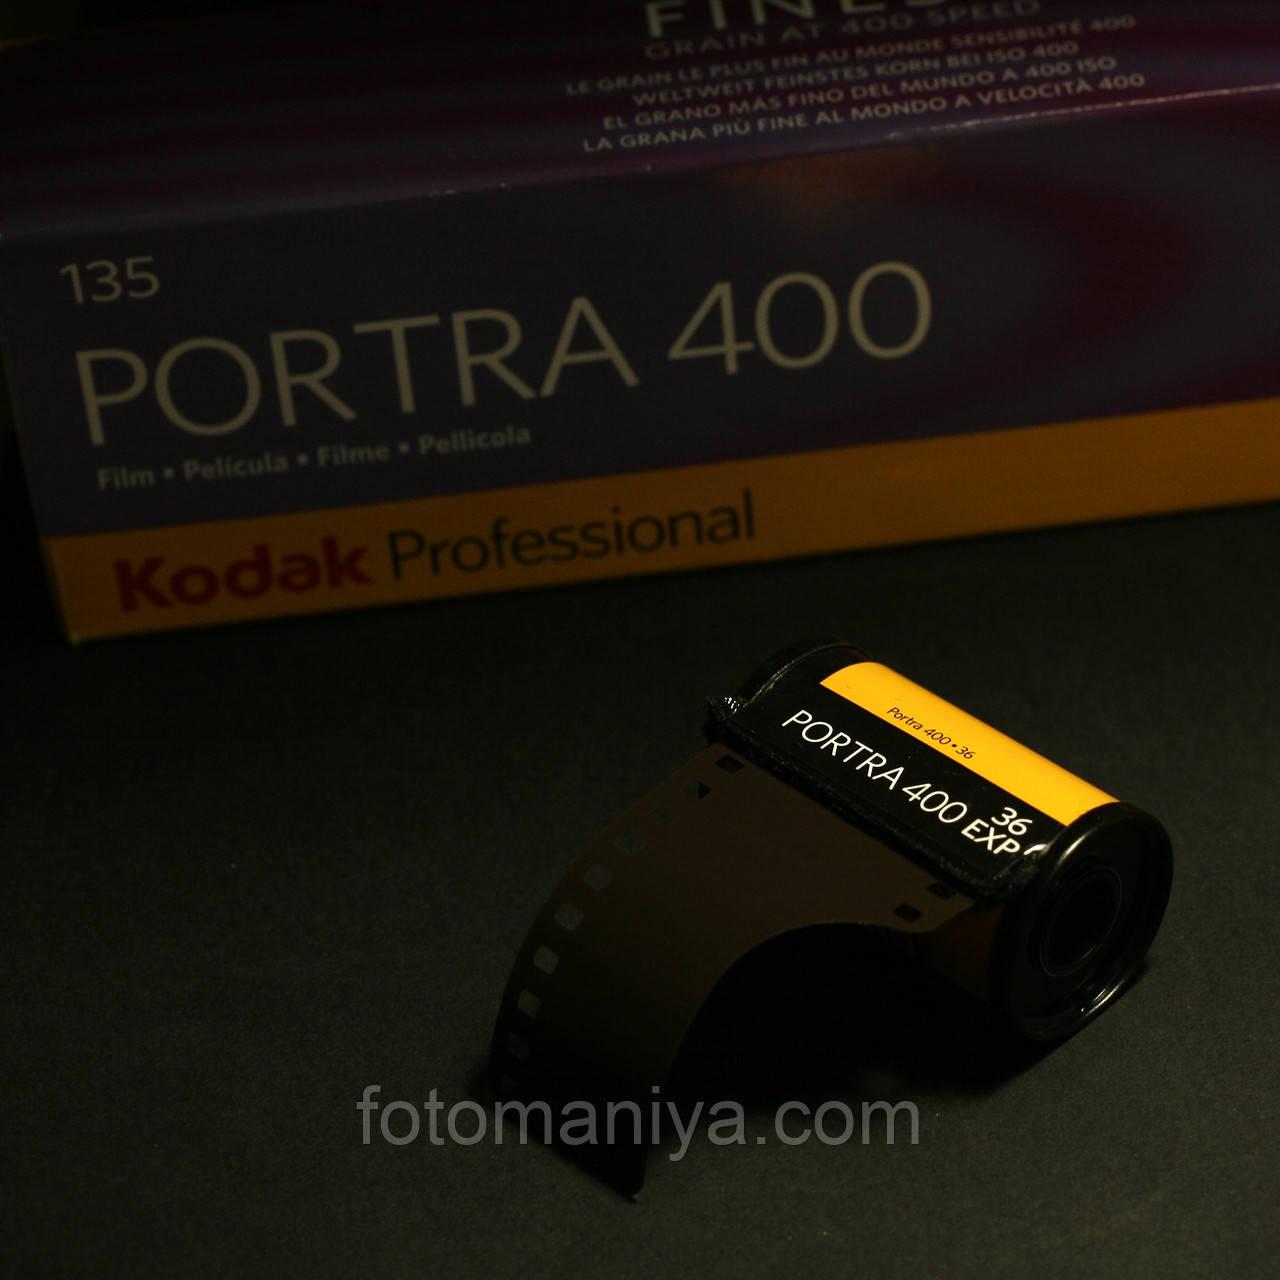 Фотоплівка Kodak Portra  400 135-36 фотоплёнка